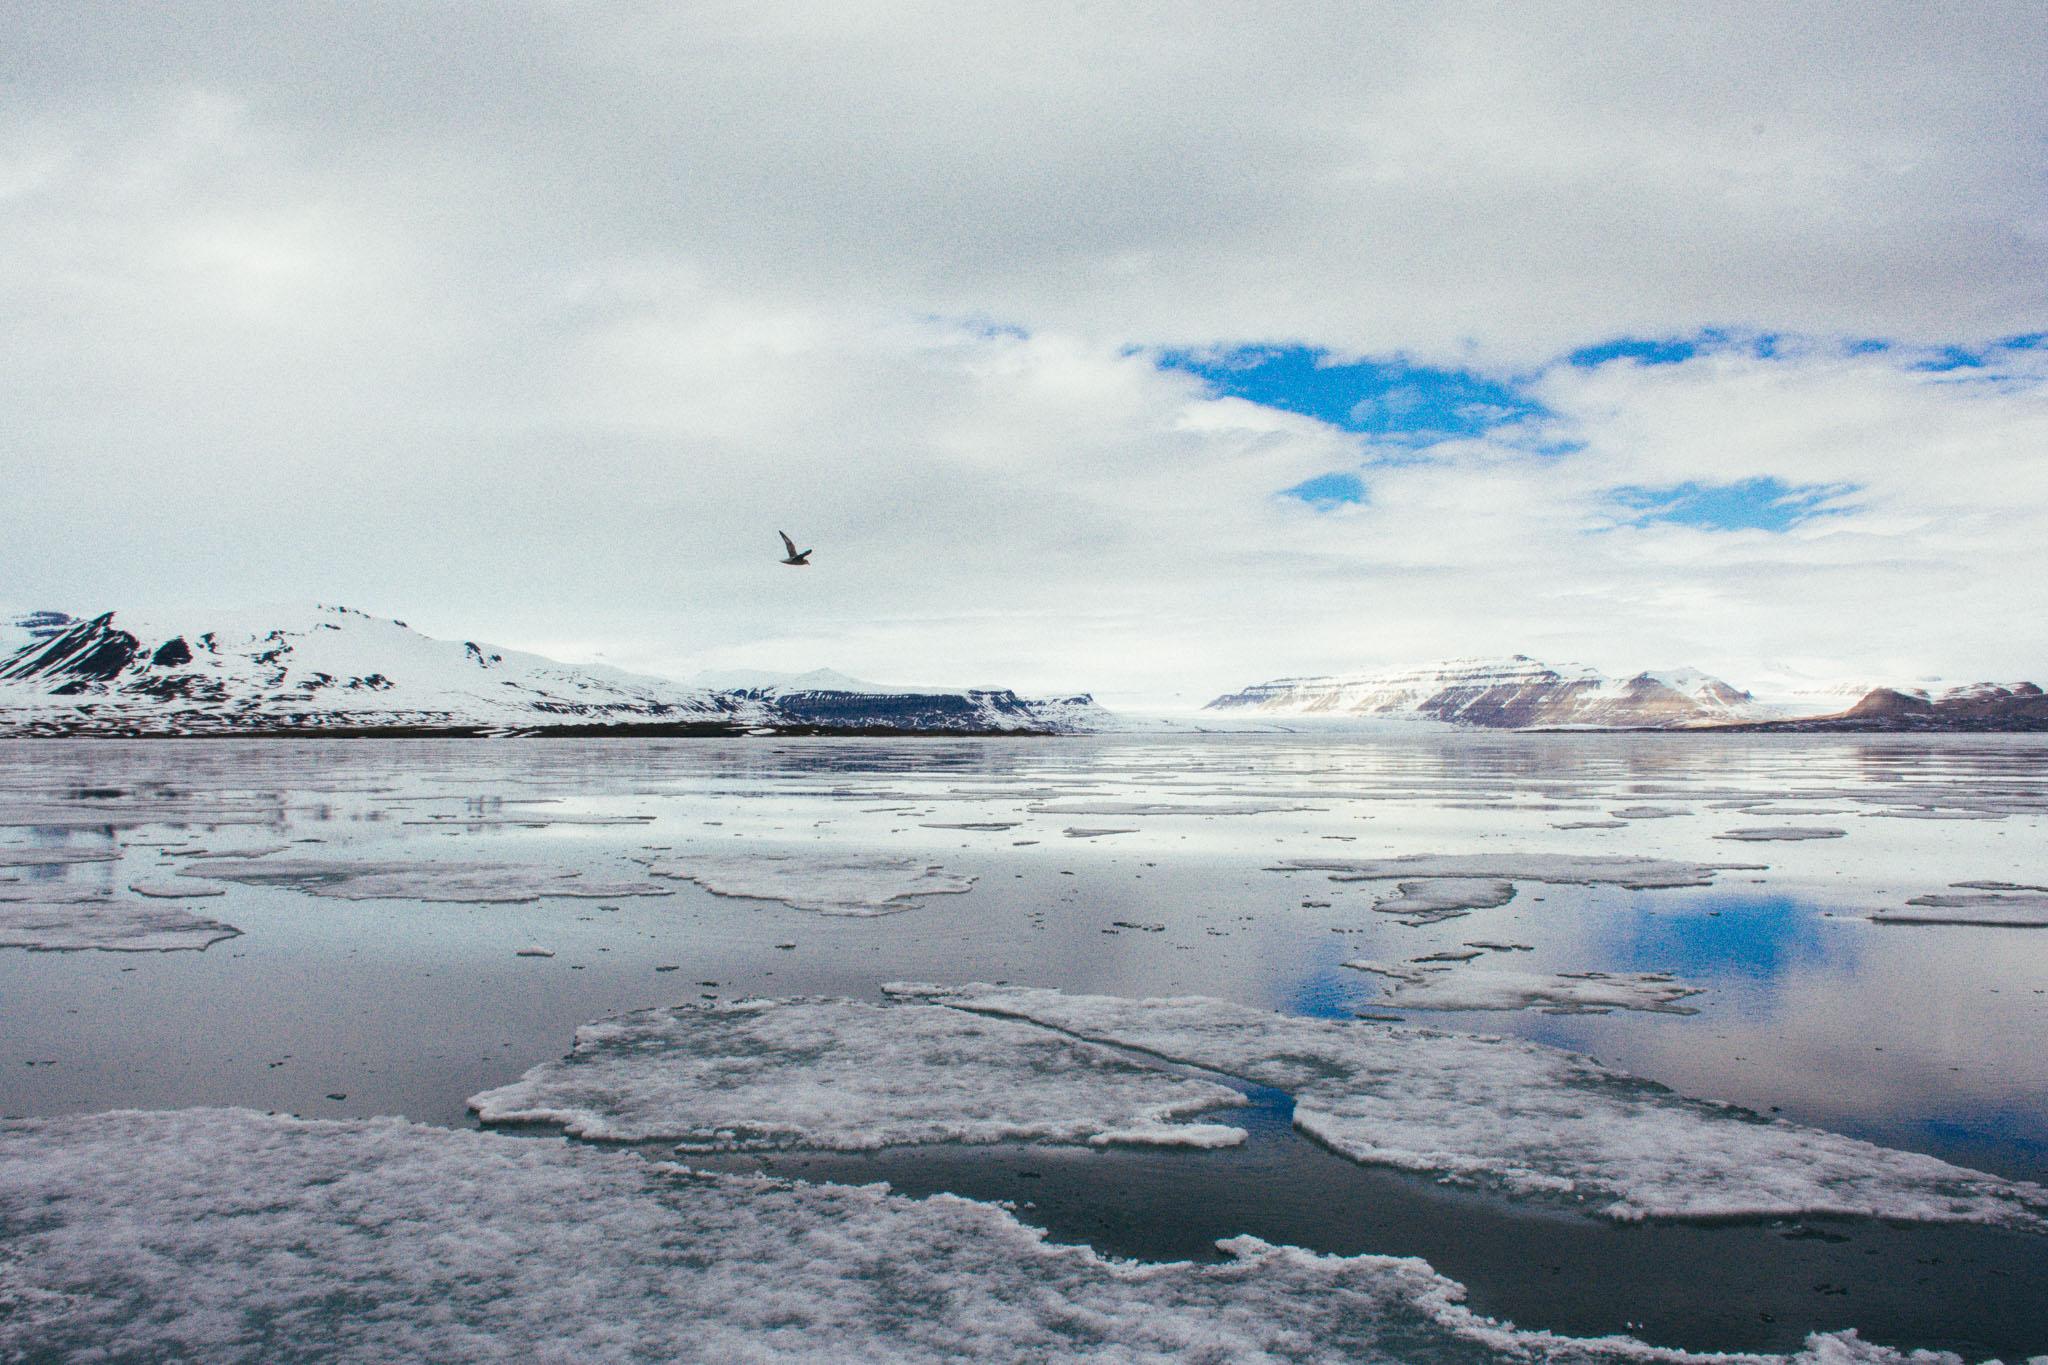 Svalbard_2018_Pukka_Perri_Rothenberg-48.jpg